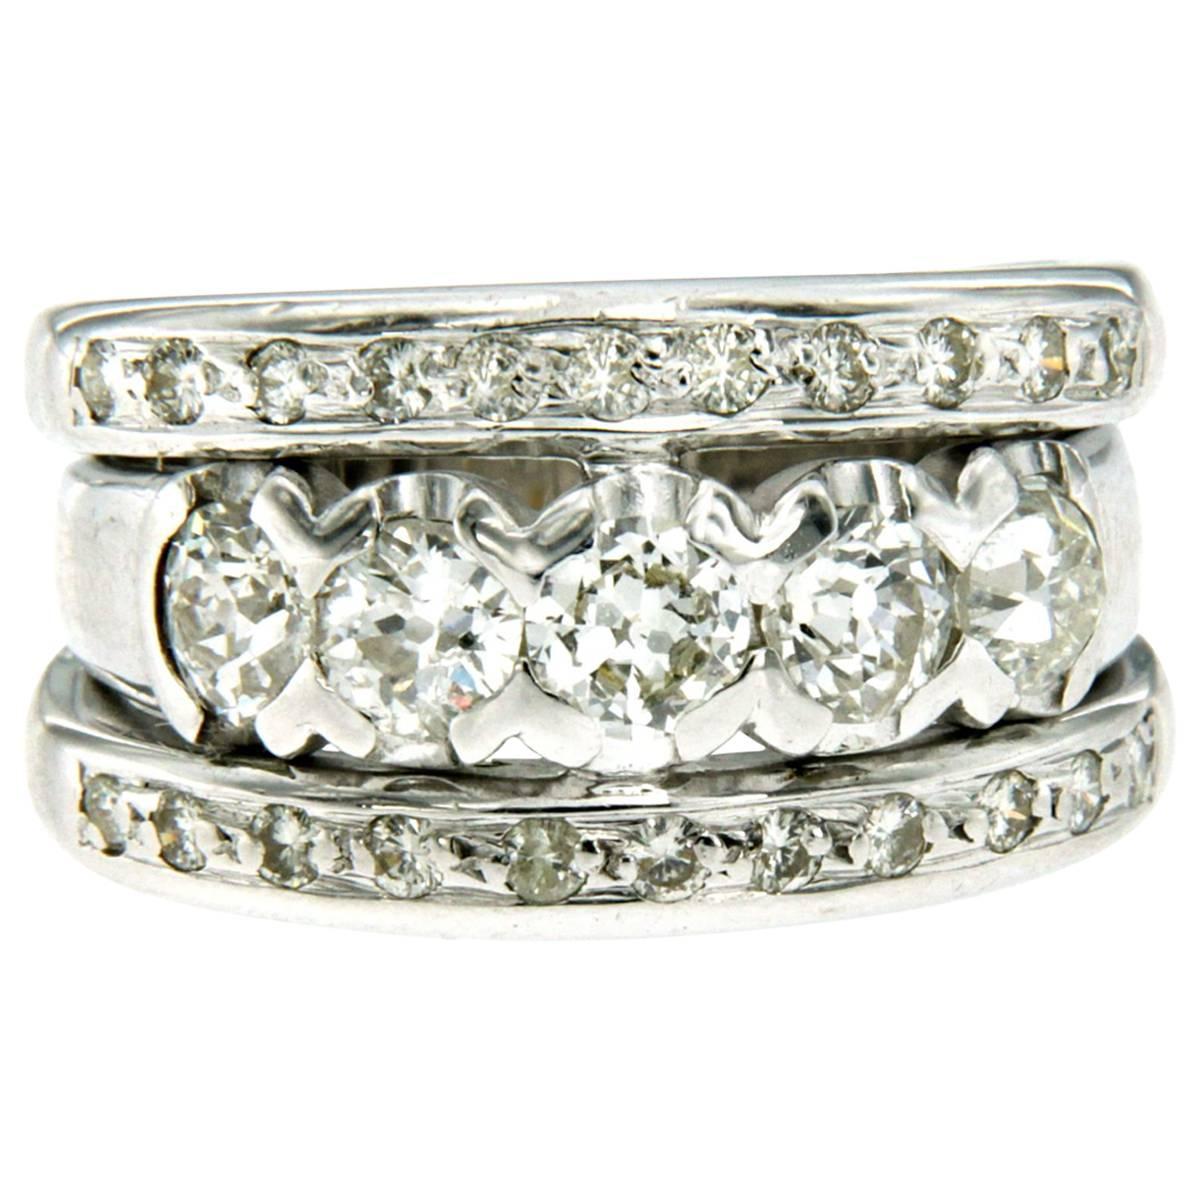 Vintage 1.50 Carat Diamond Gold Band Ring